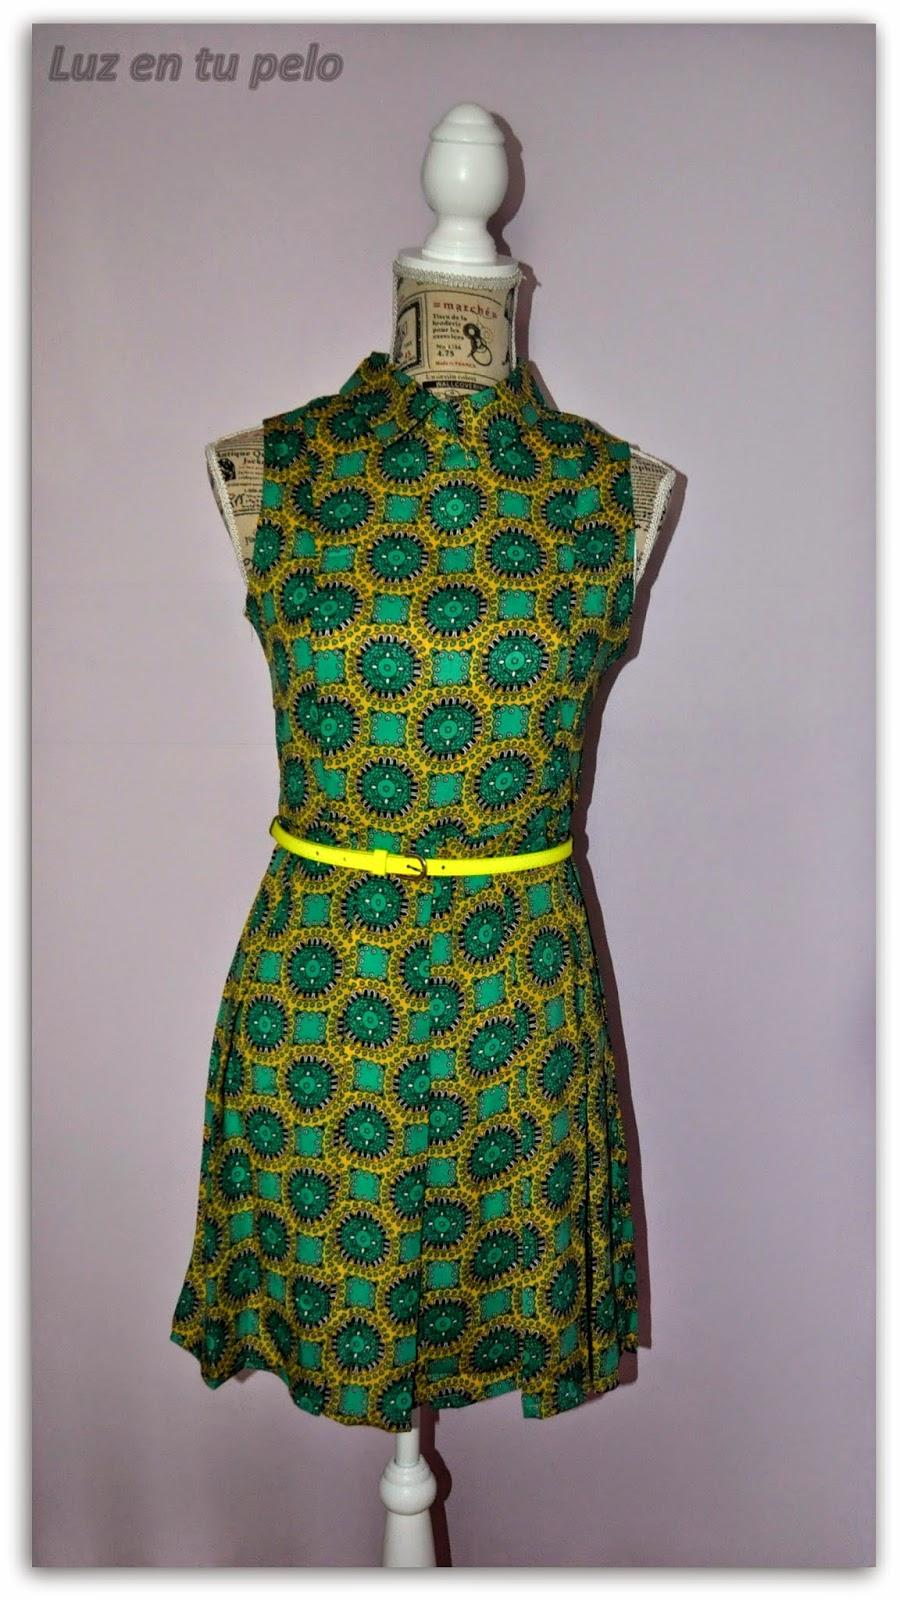 vestido vintage, vestido para bodas, vestido barato para bodas, vestido amarillo, vestido verde, vestido informal para bodas